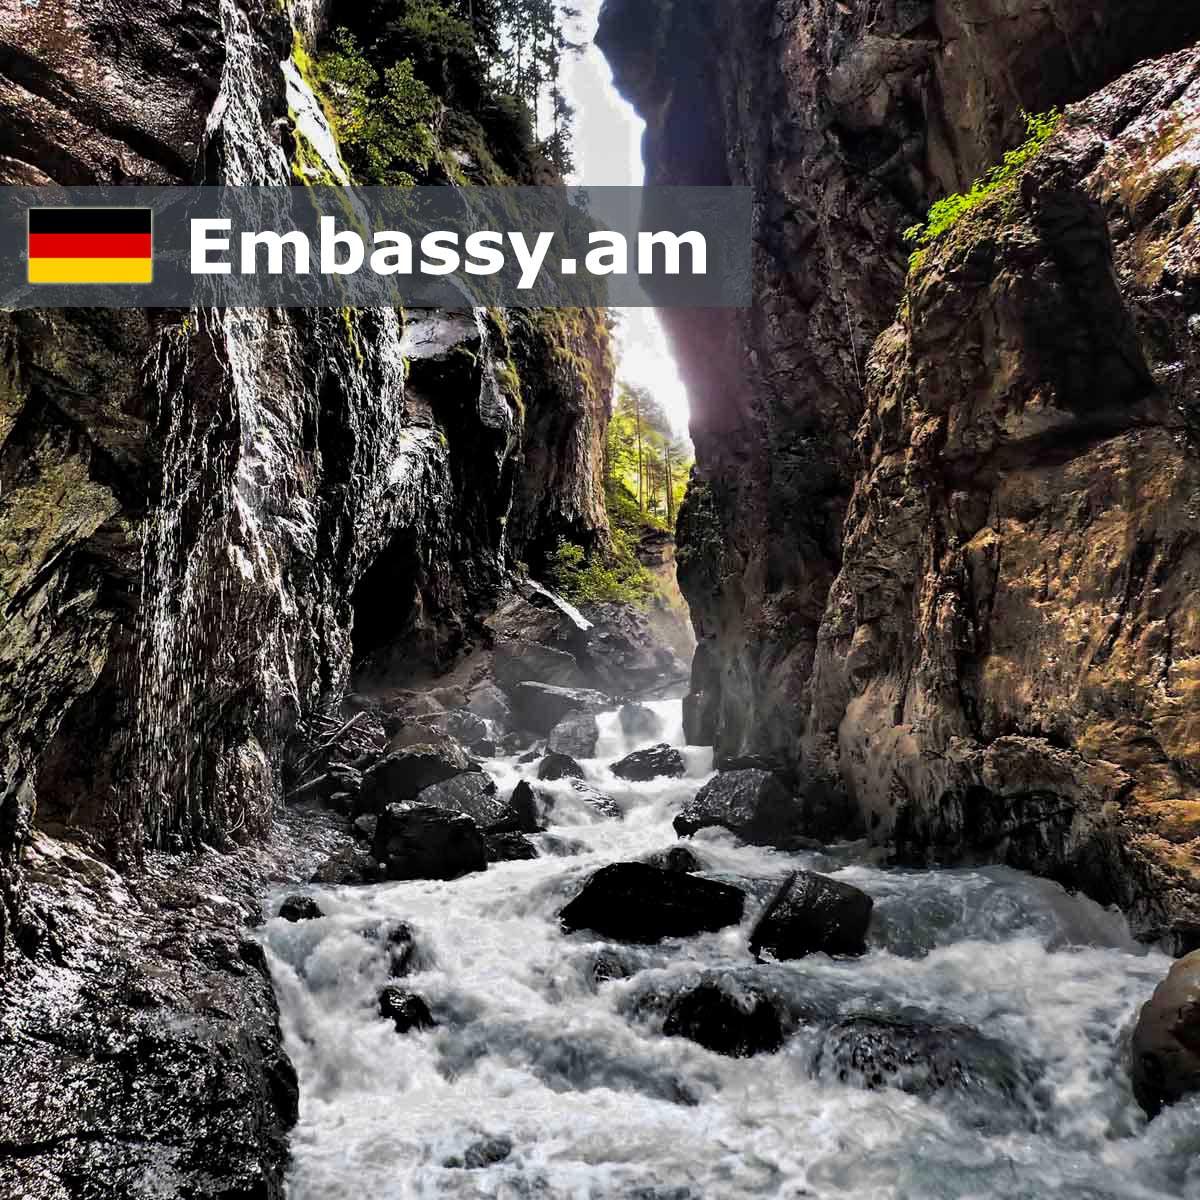 Гармиш-Партенкирхен - Отели в Германии - Embassy.am